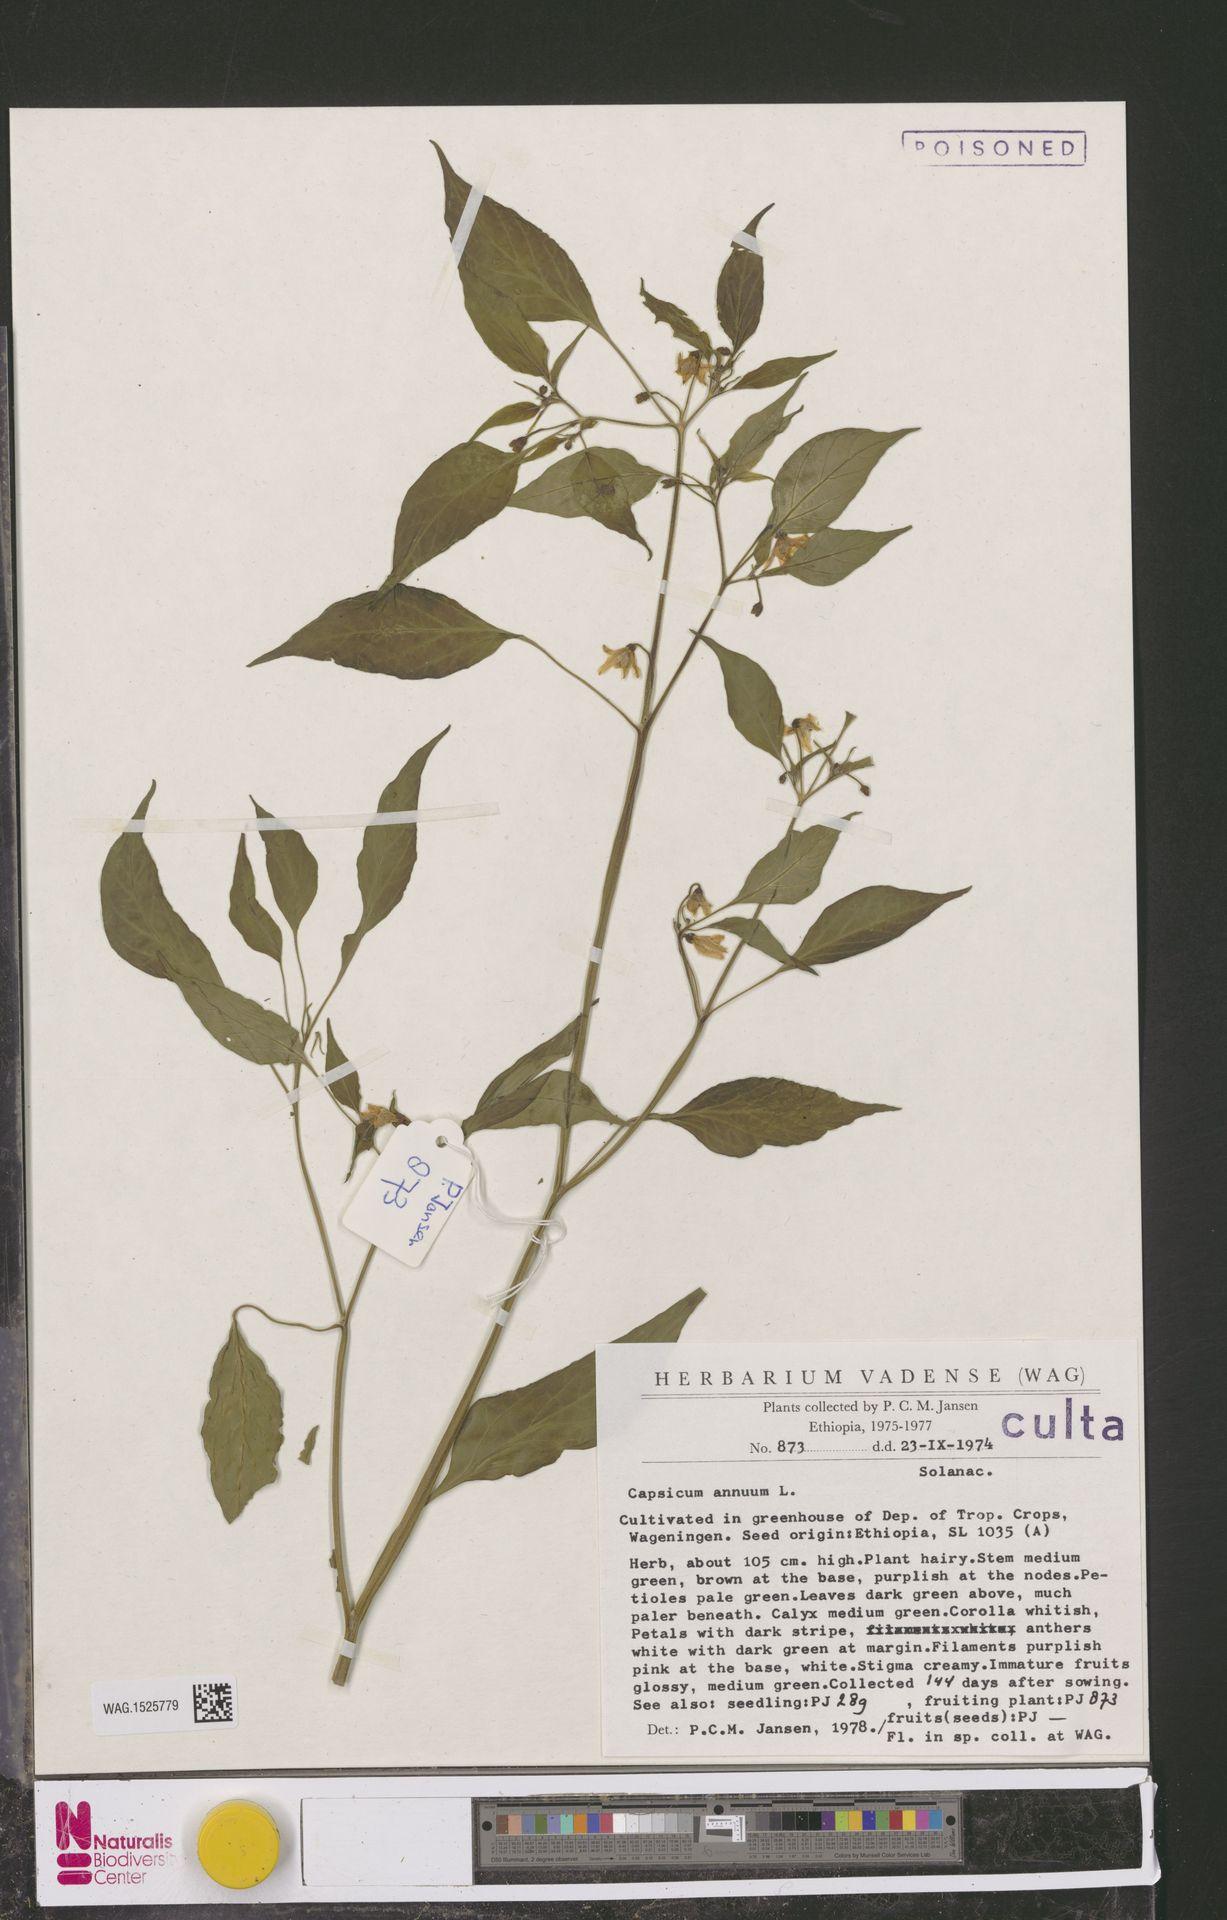 WAG.1525779 | Capsicum annuum L.